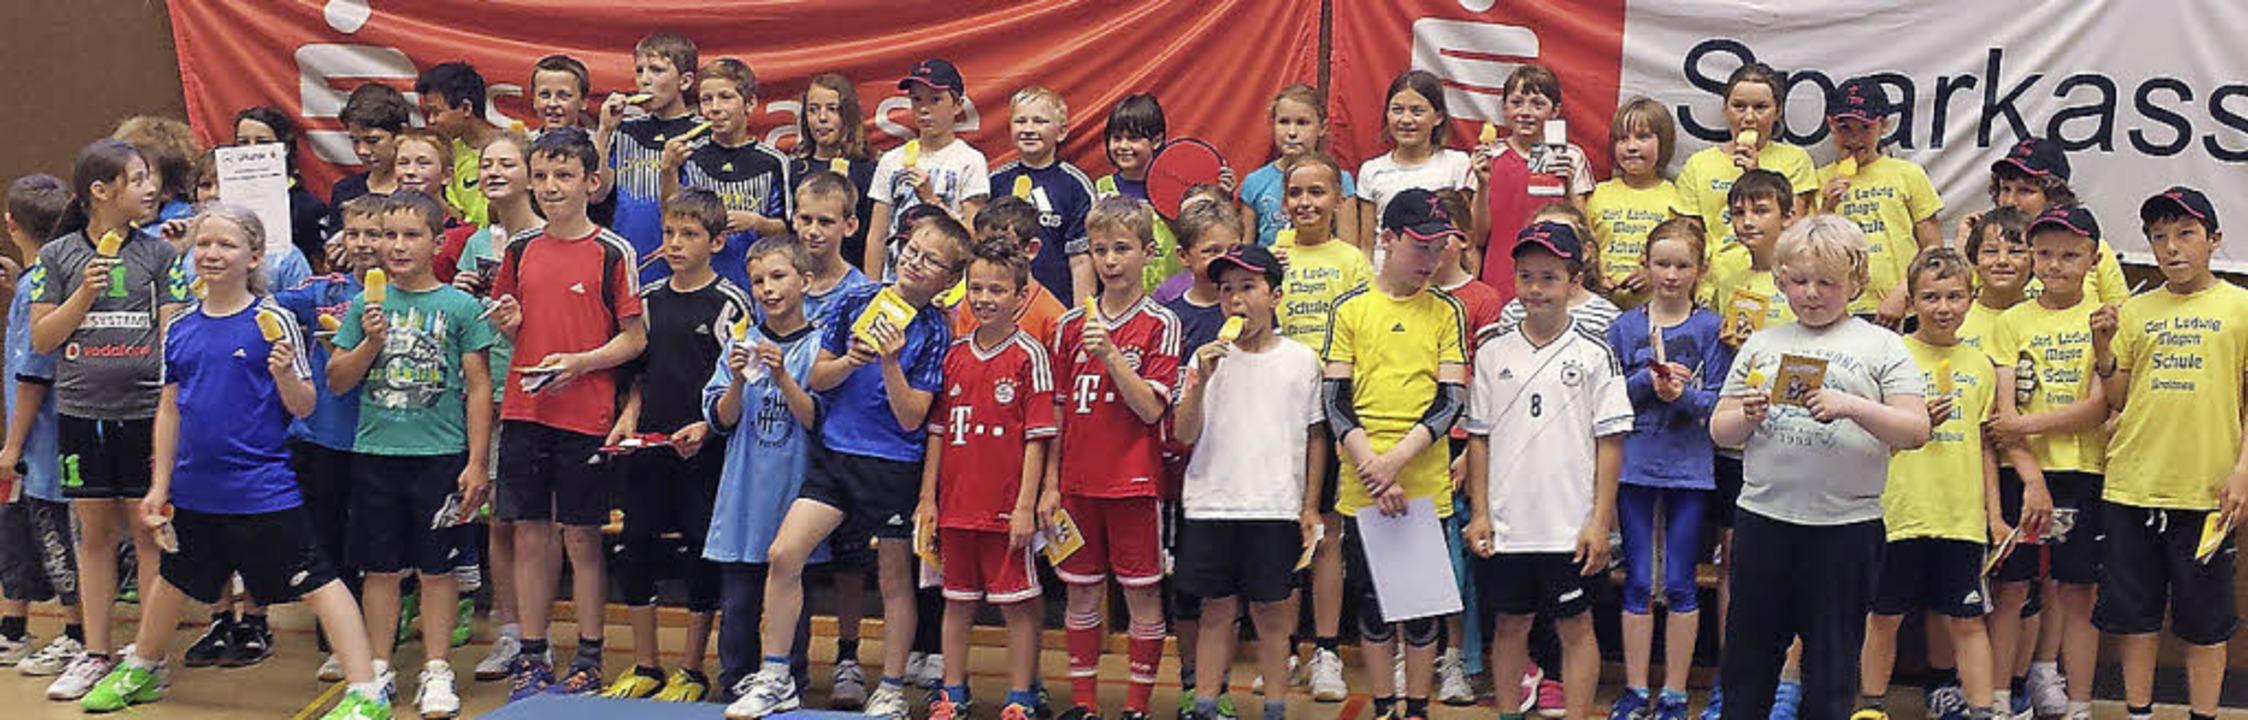 Quirliger Nachwuchs: Sechs Schulteams ...im Handballturnier des TV Neustadt an.  | Foto: schreiner